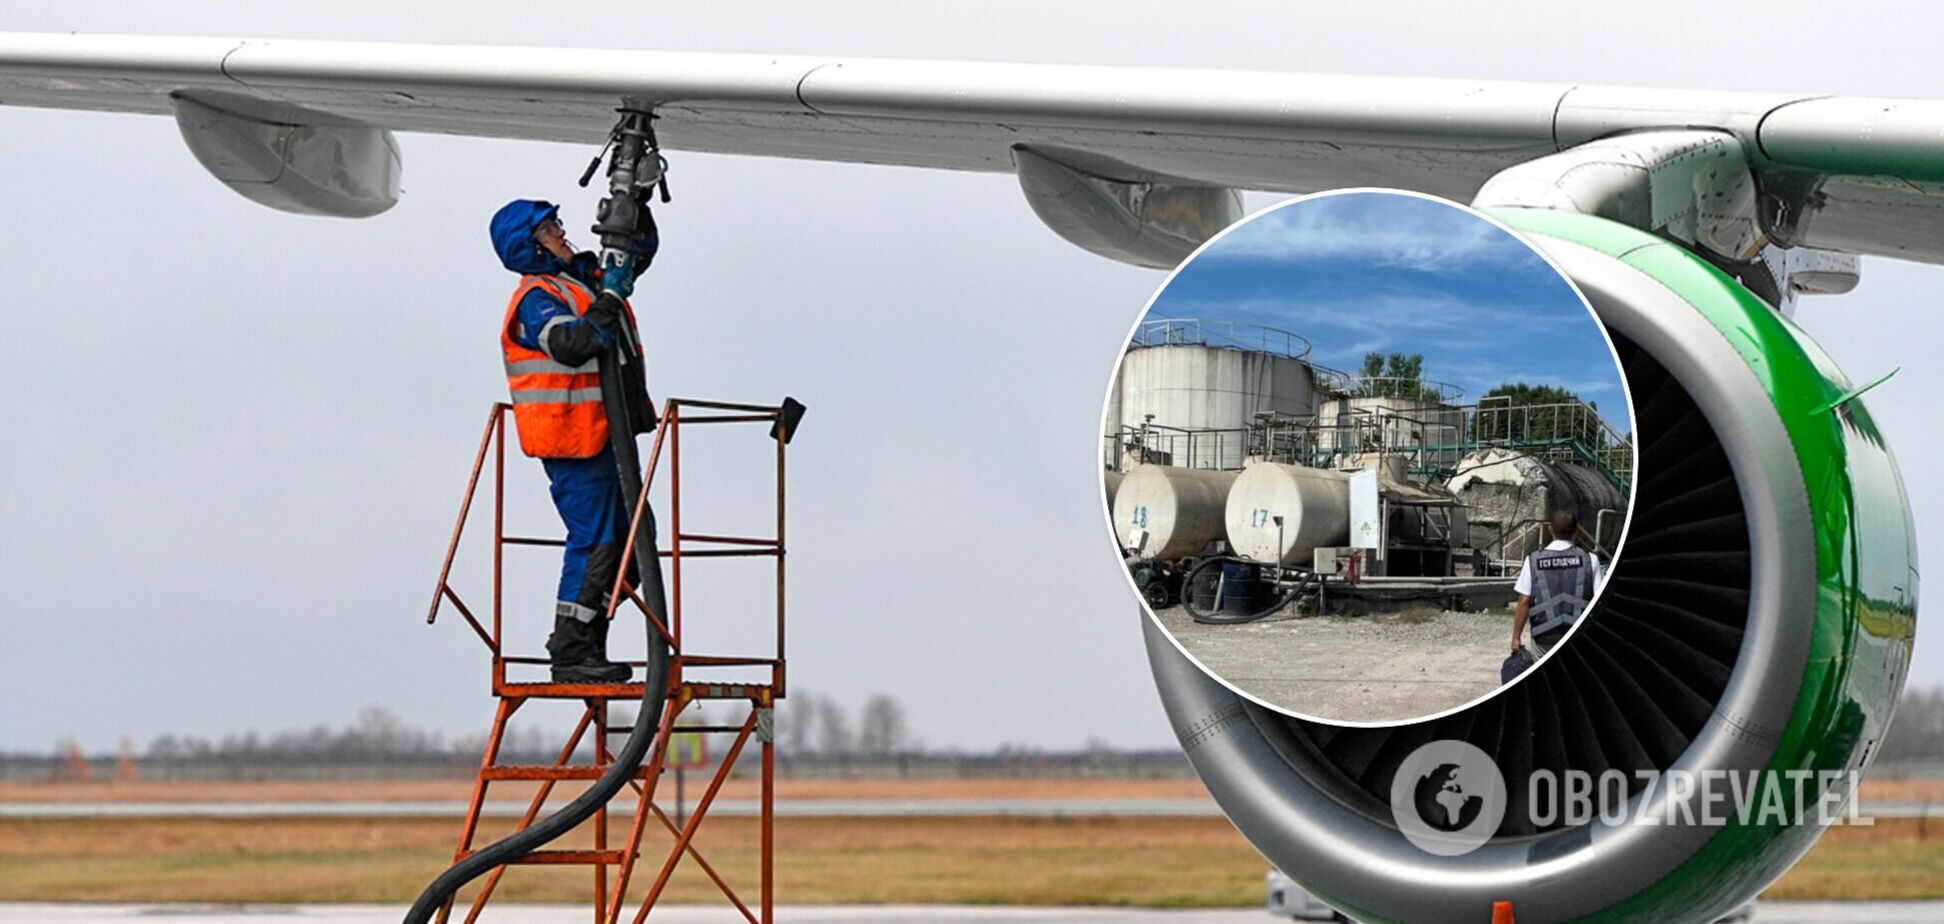 В Украине раскрыли схему хищений на импорте авиатоплива: нанесено более 50 млн грн убытков. Фото